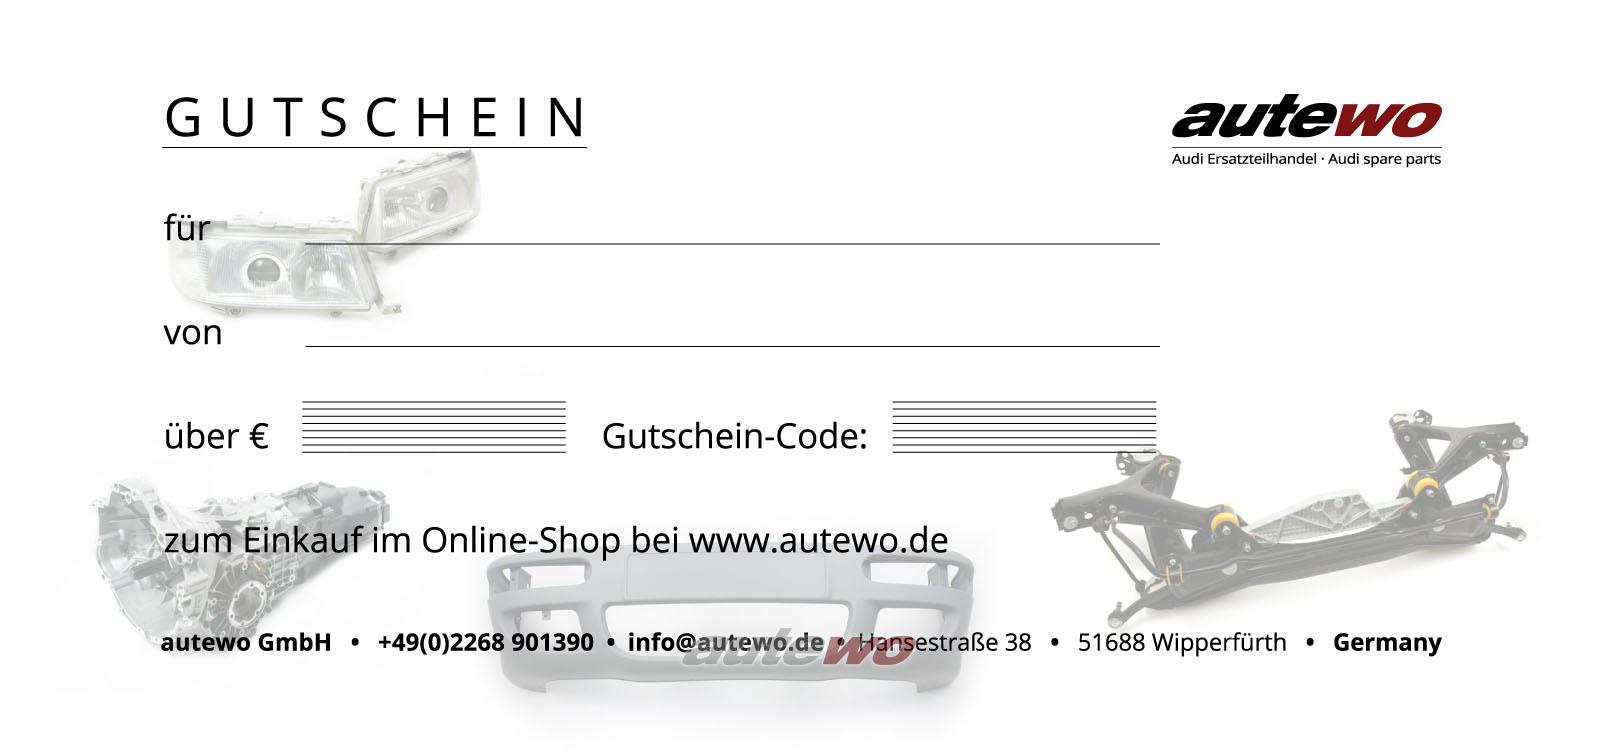 autewo-Geschenkgutschein über 100 Euro Motiv RS2 per Emailversand zum Ausdruck